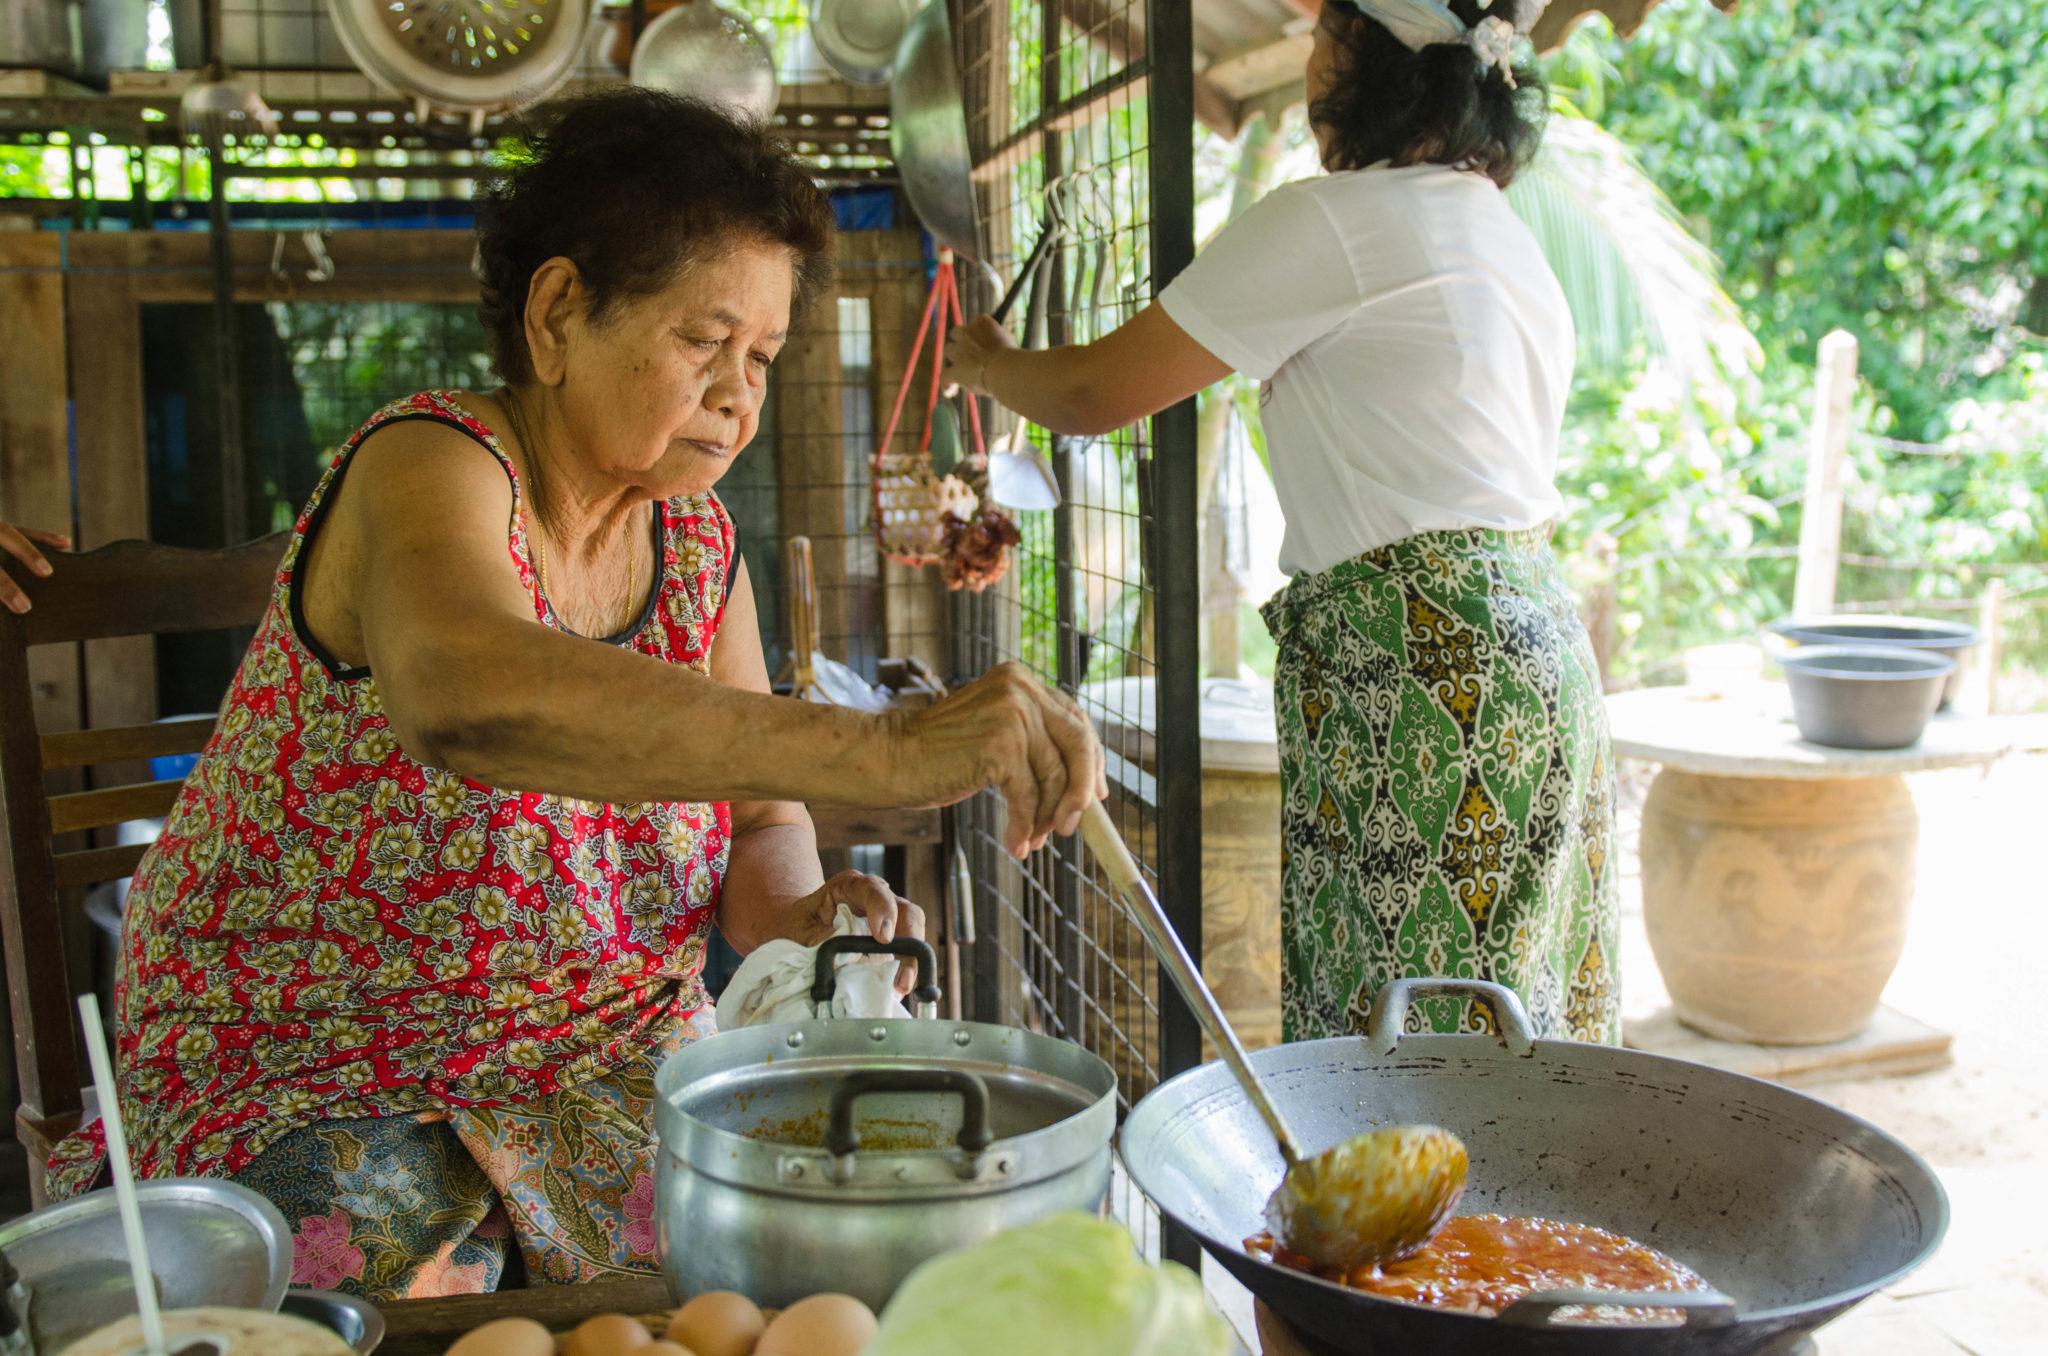 Eine thailändische Frau kocht Essen